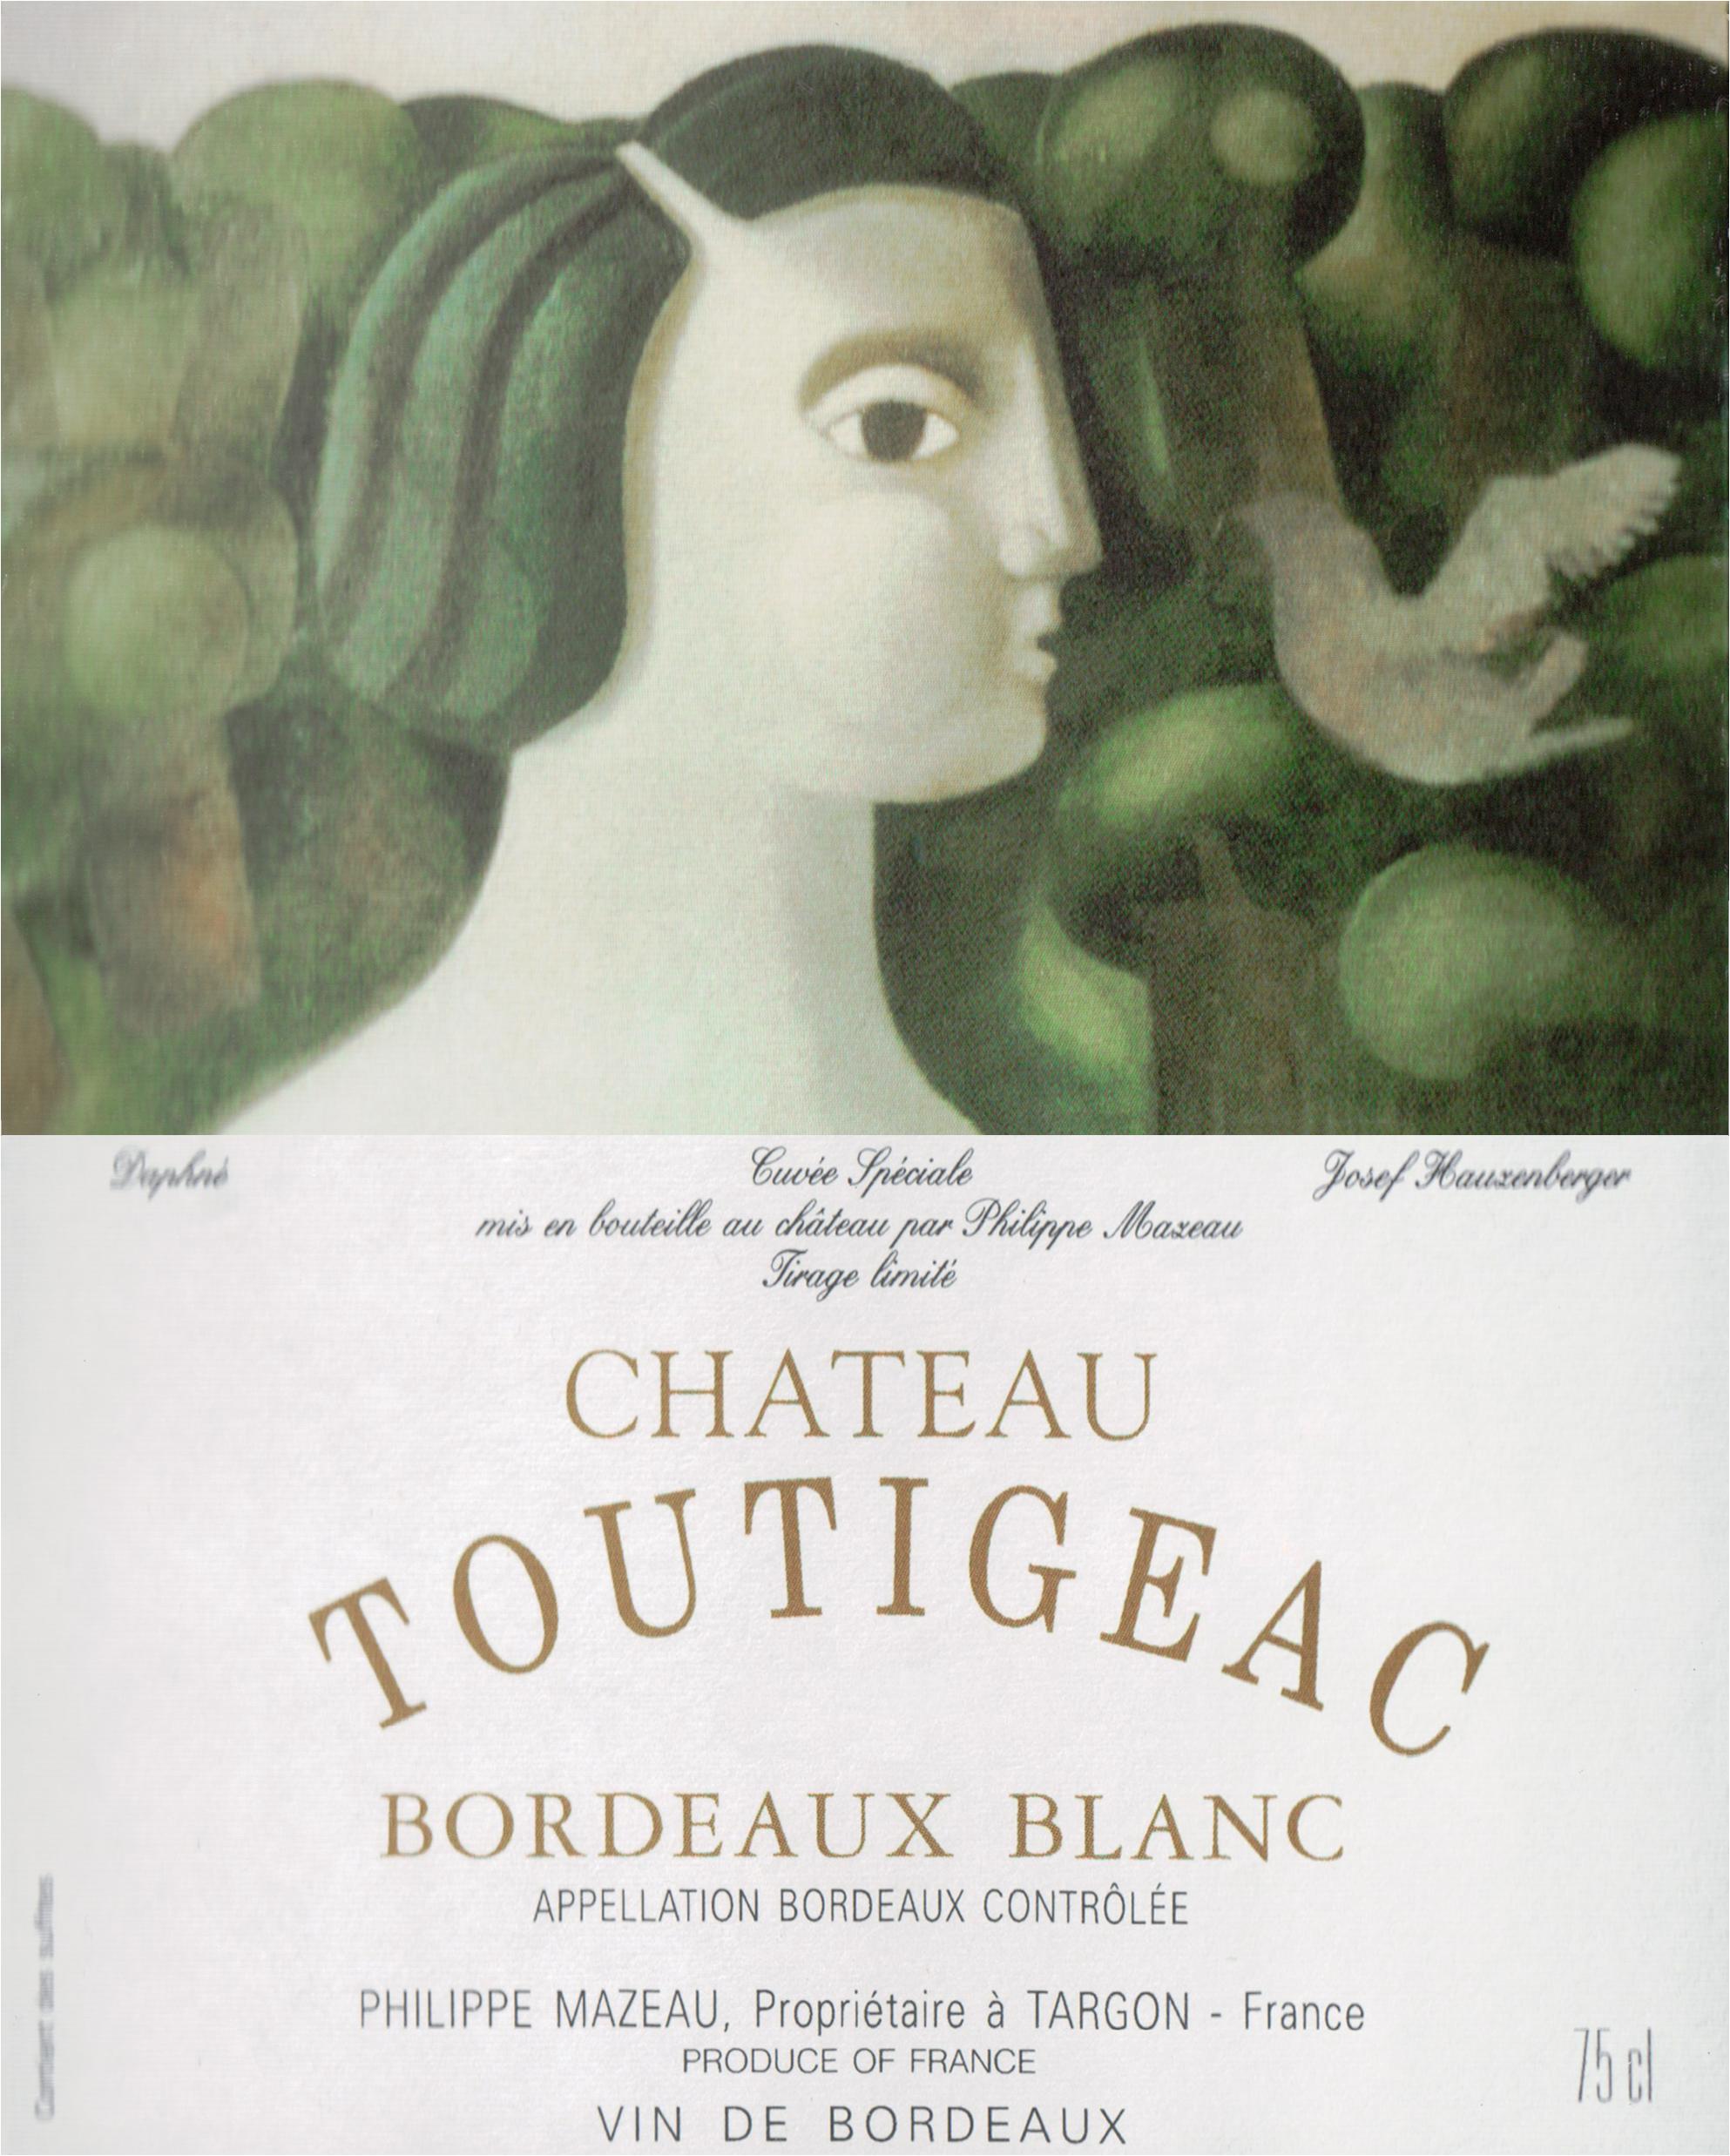 Chateau Toutigeac Bordeaux Blanc 2018